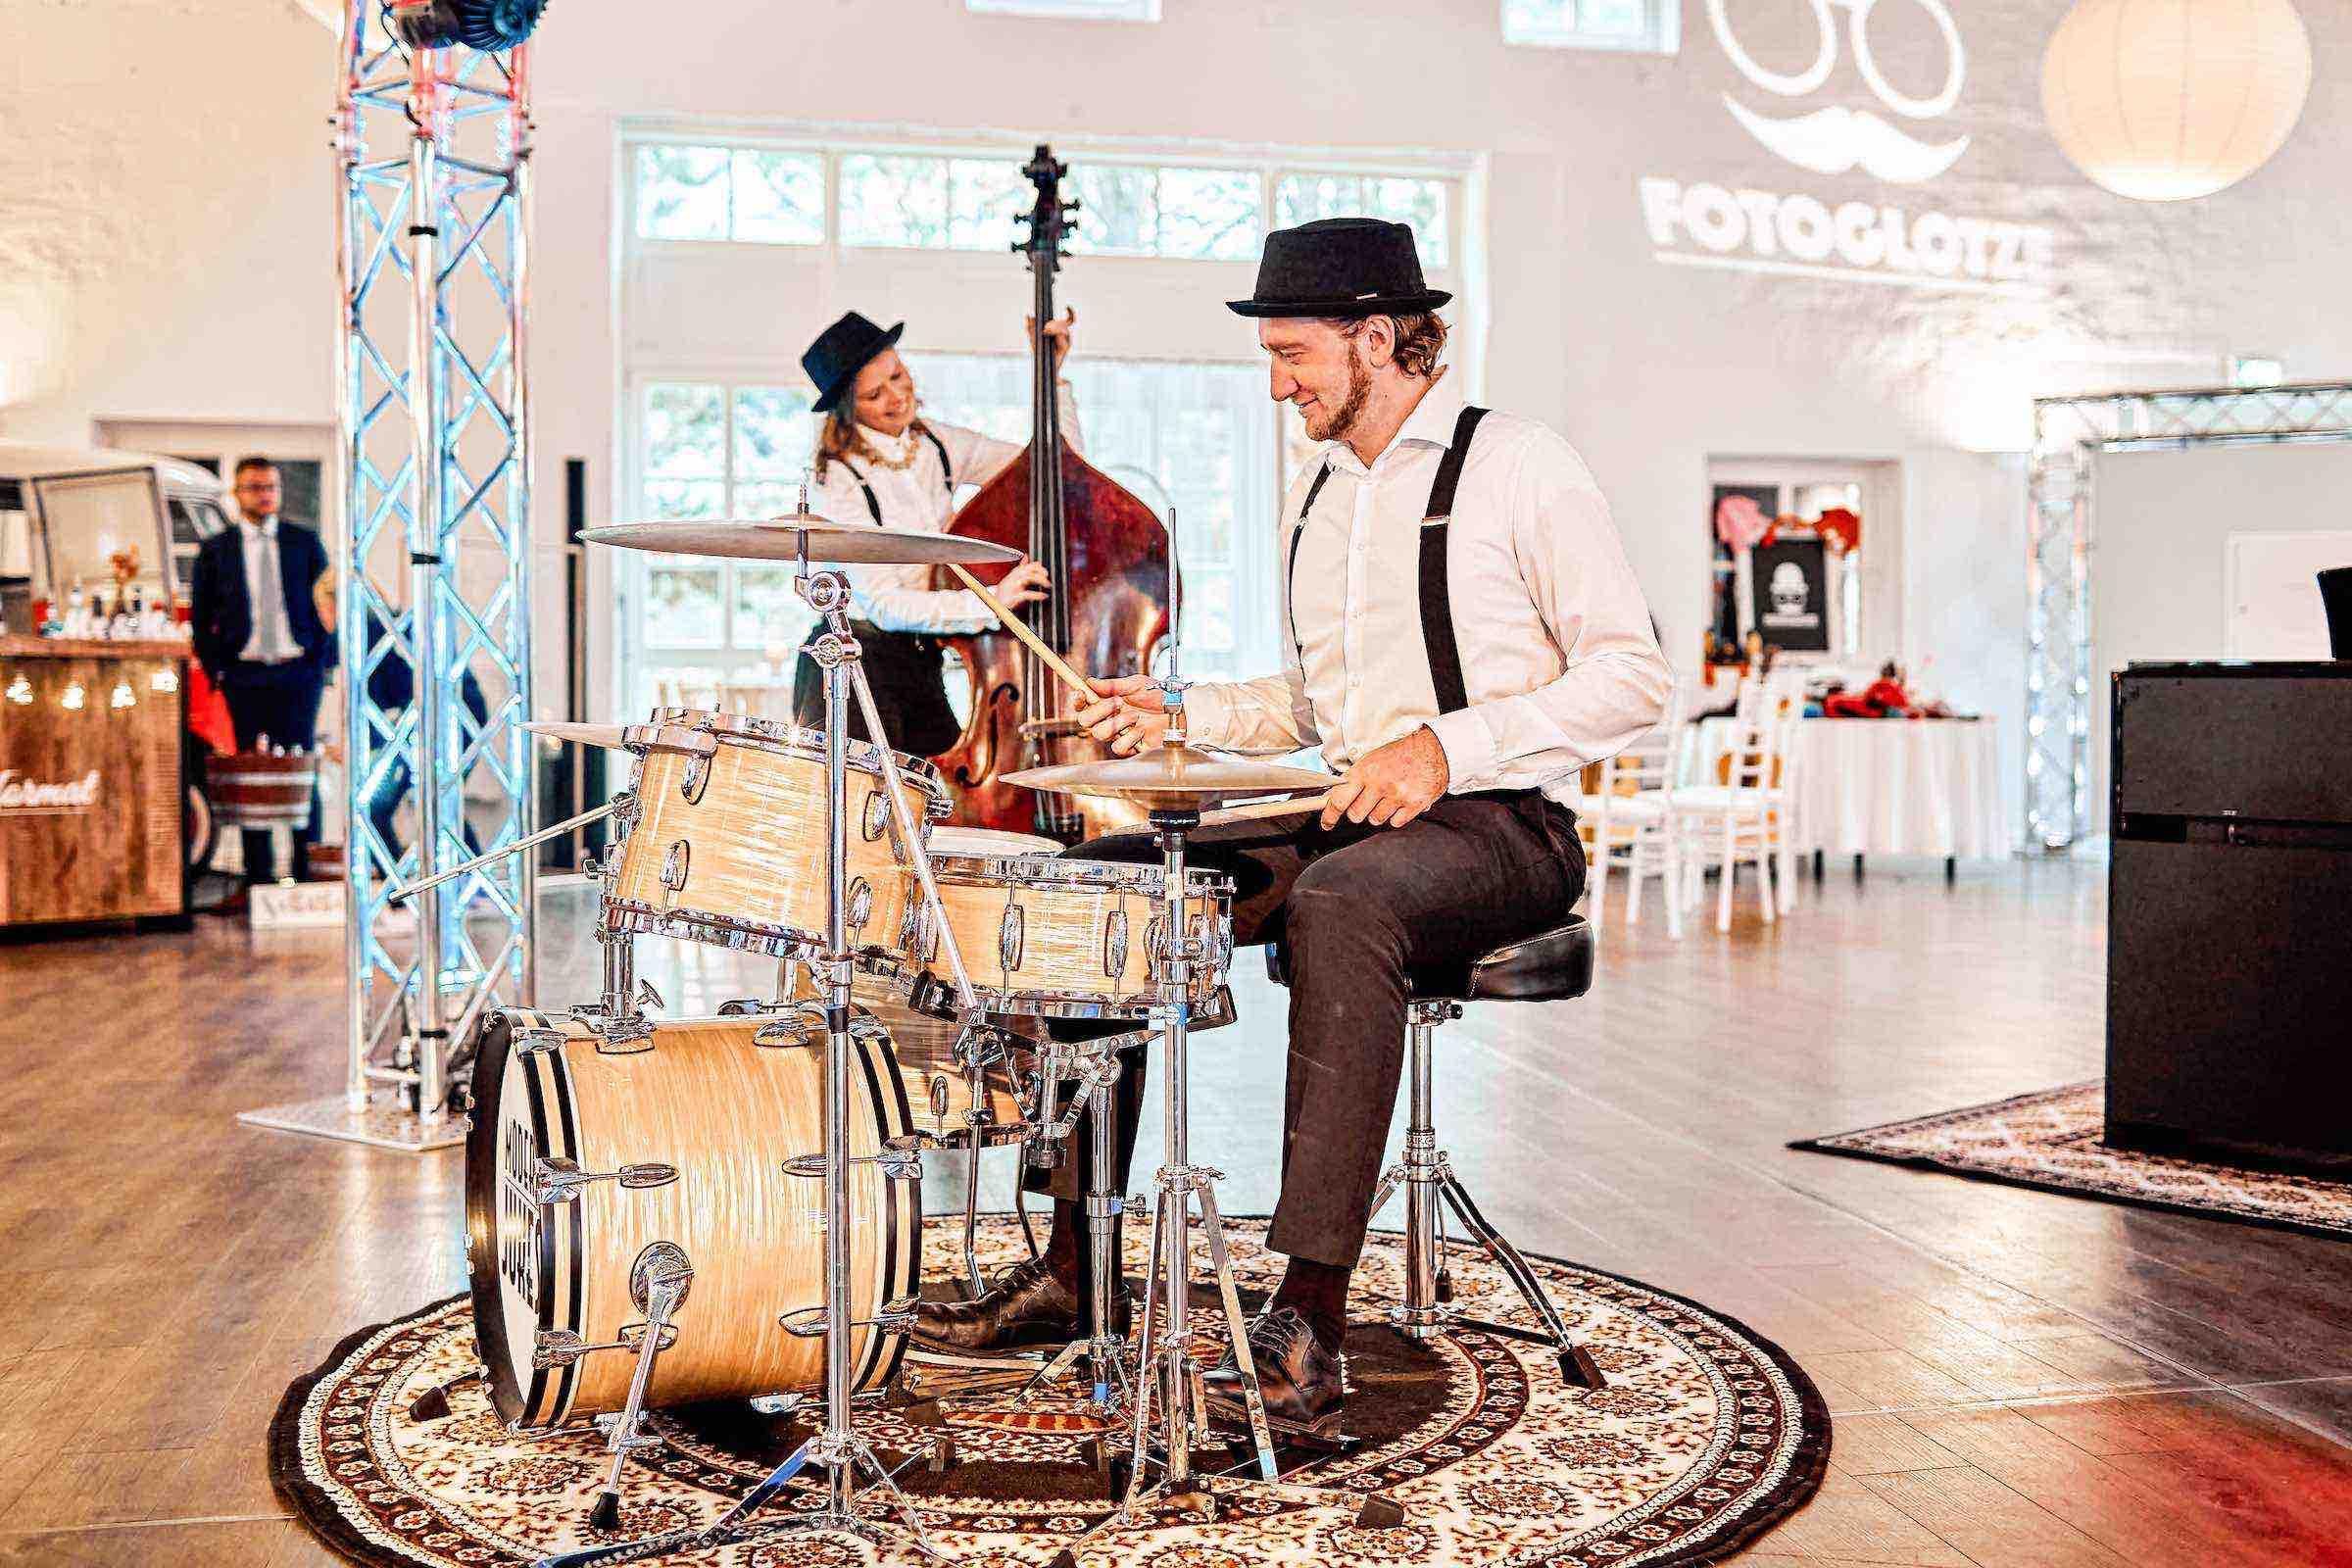 Band | Hochzeit | Hamburg | Popband | Partyband | Sektempfang | Party | Trauung | Schlagzeug | Kontrabass | Dinner | Buchen | Mieten | Hamburgfeiert